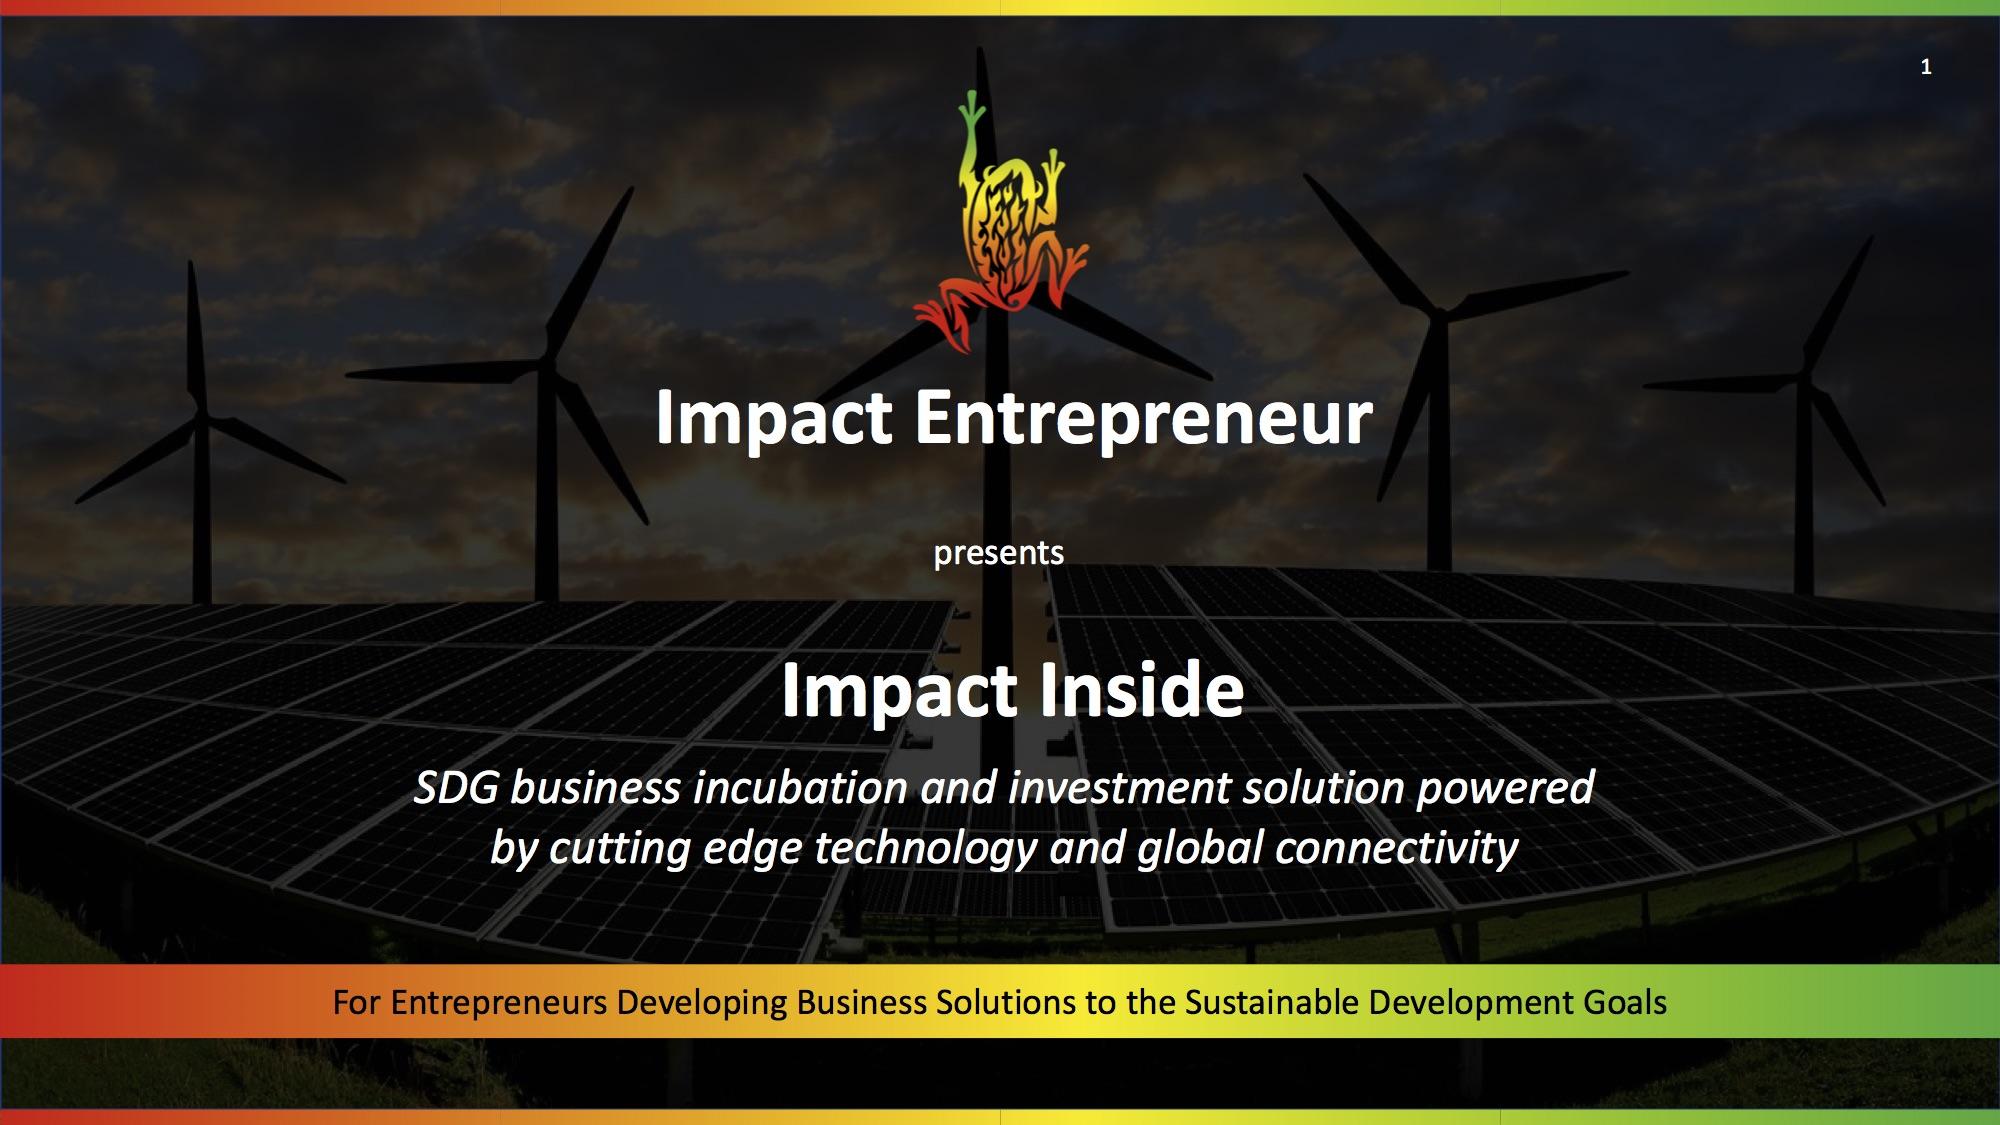 Impact_Inside_Cover_Image.jpg